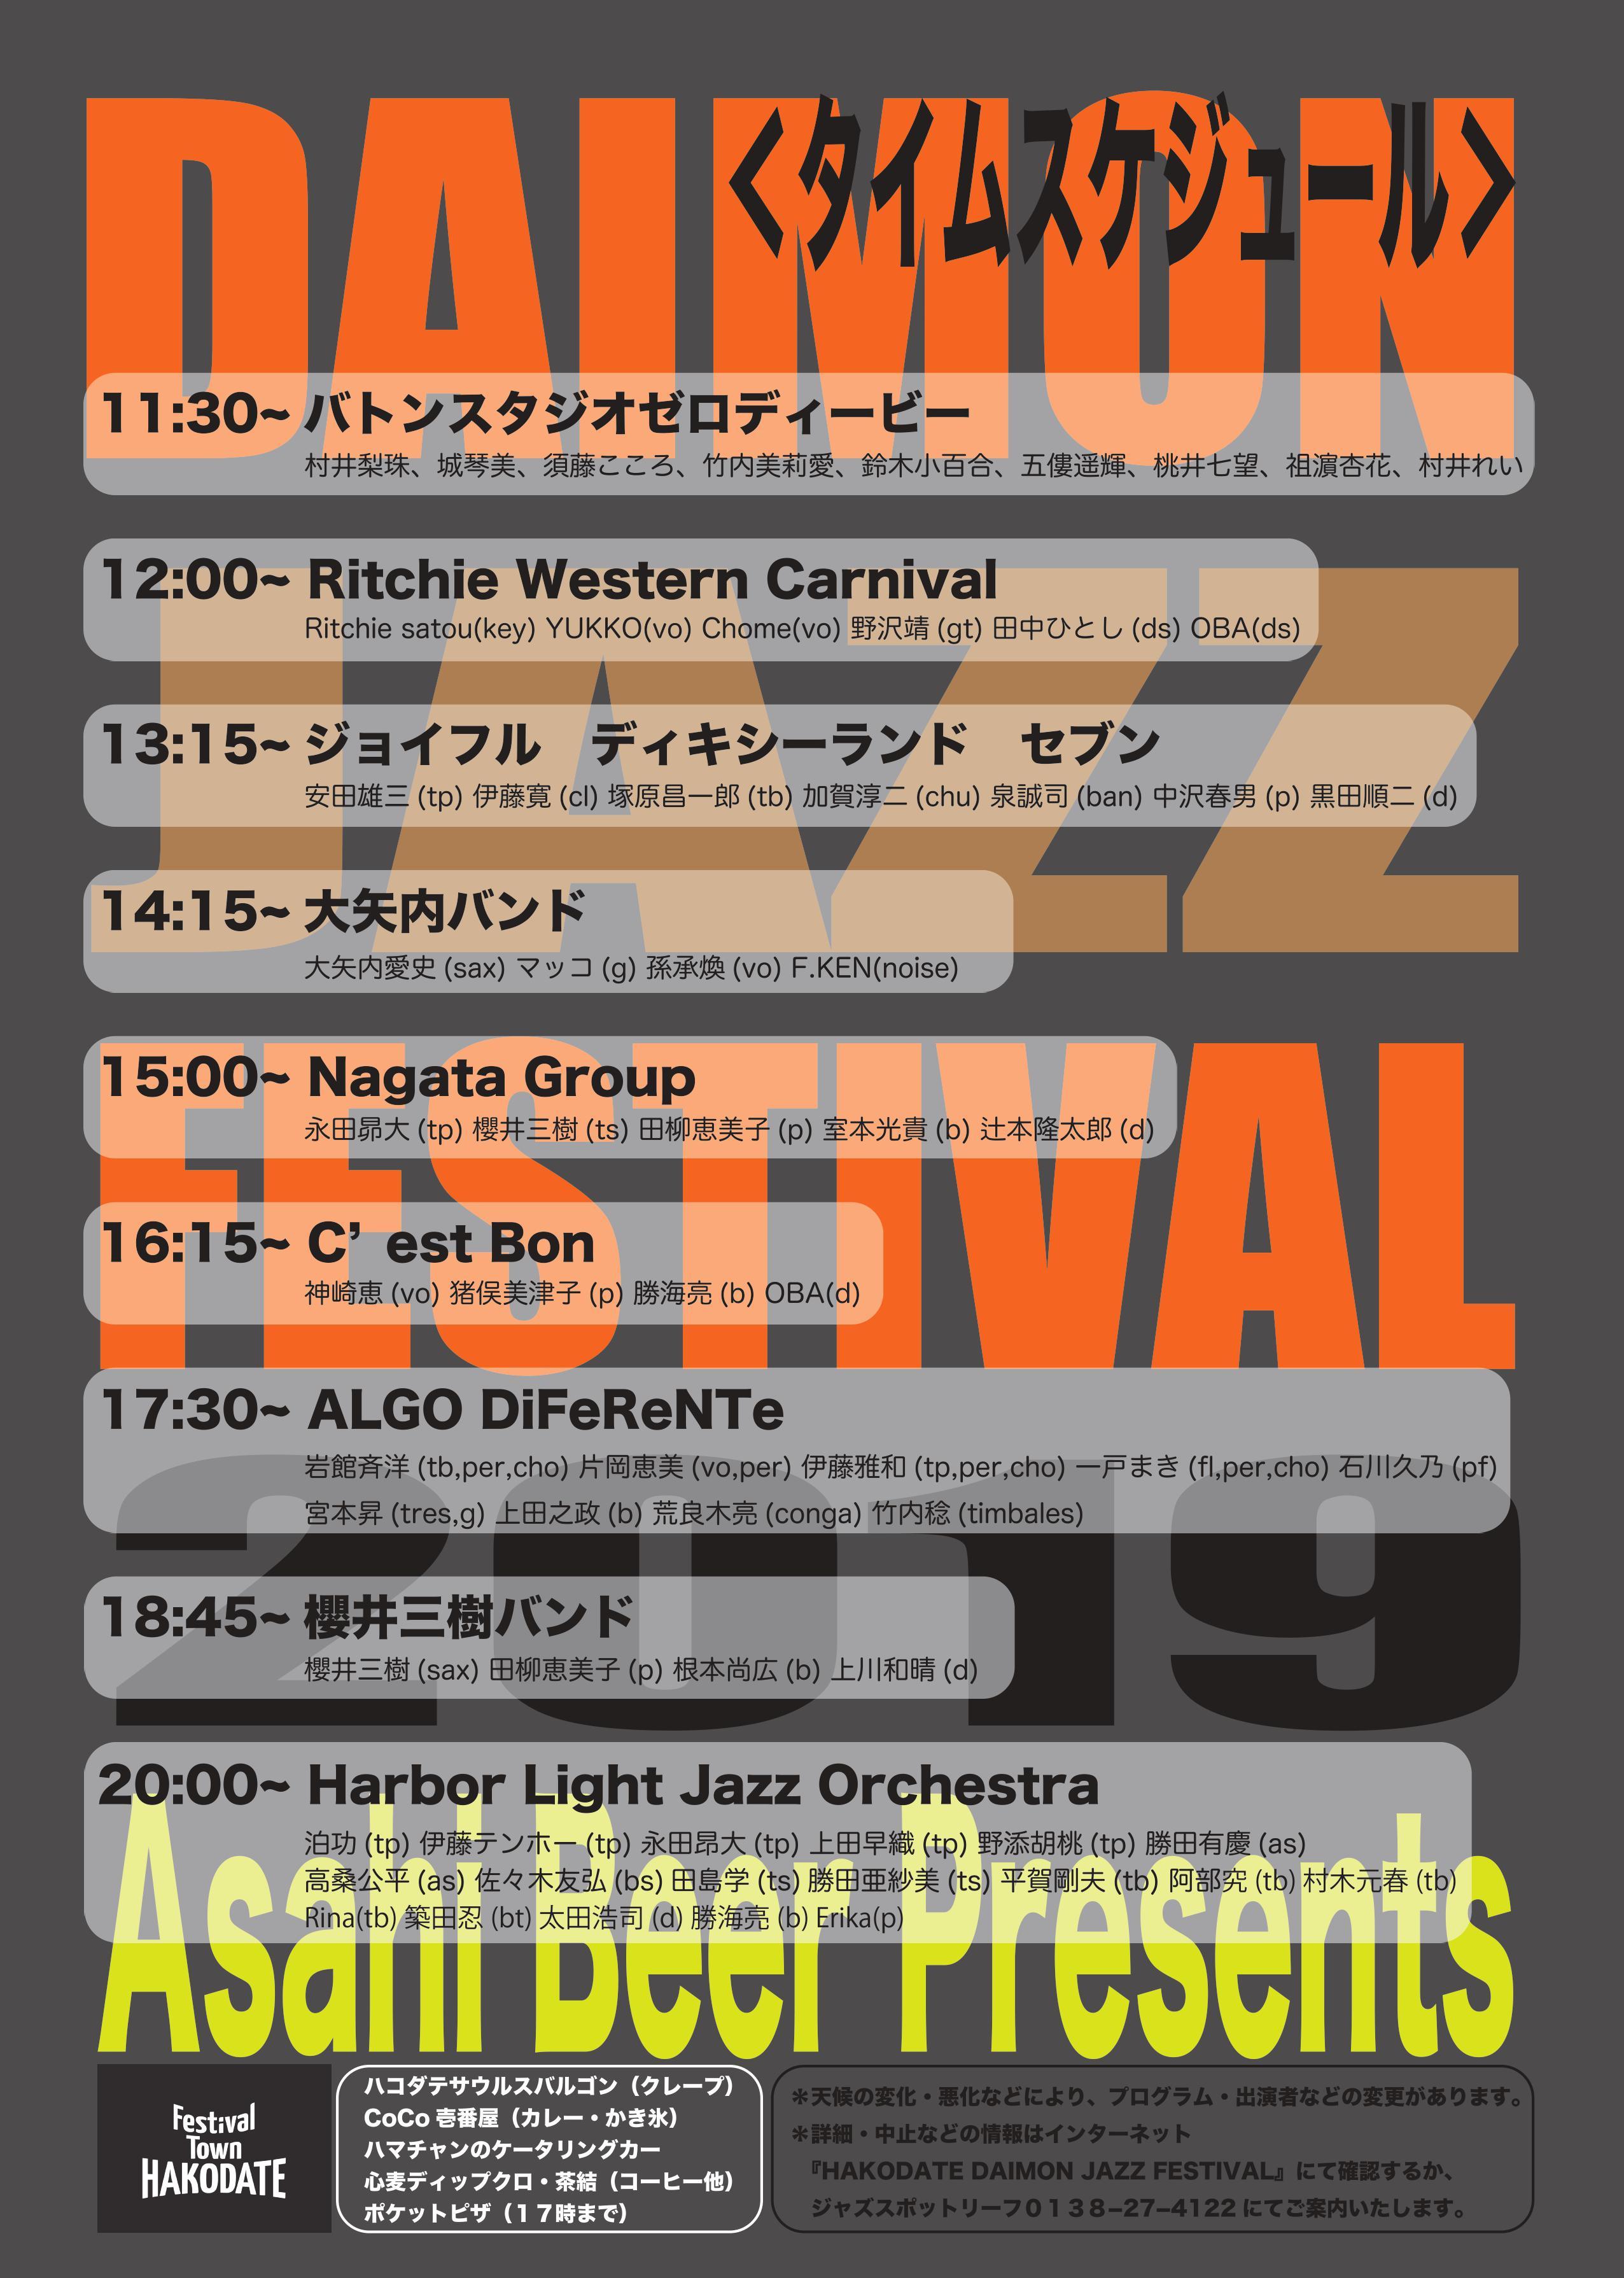 函館大門ジャズフェスティバル2019プログラム